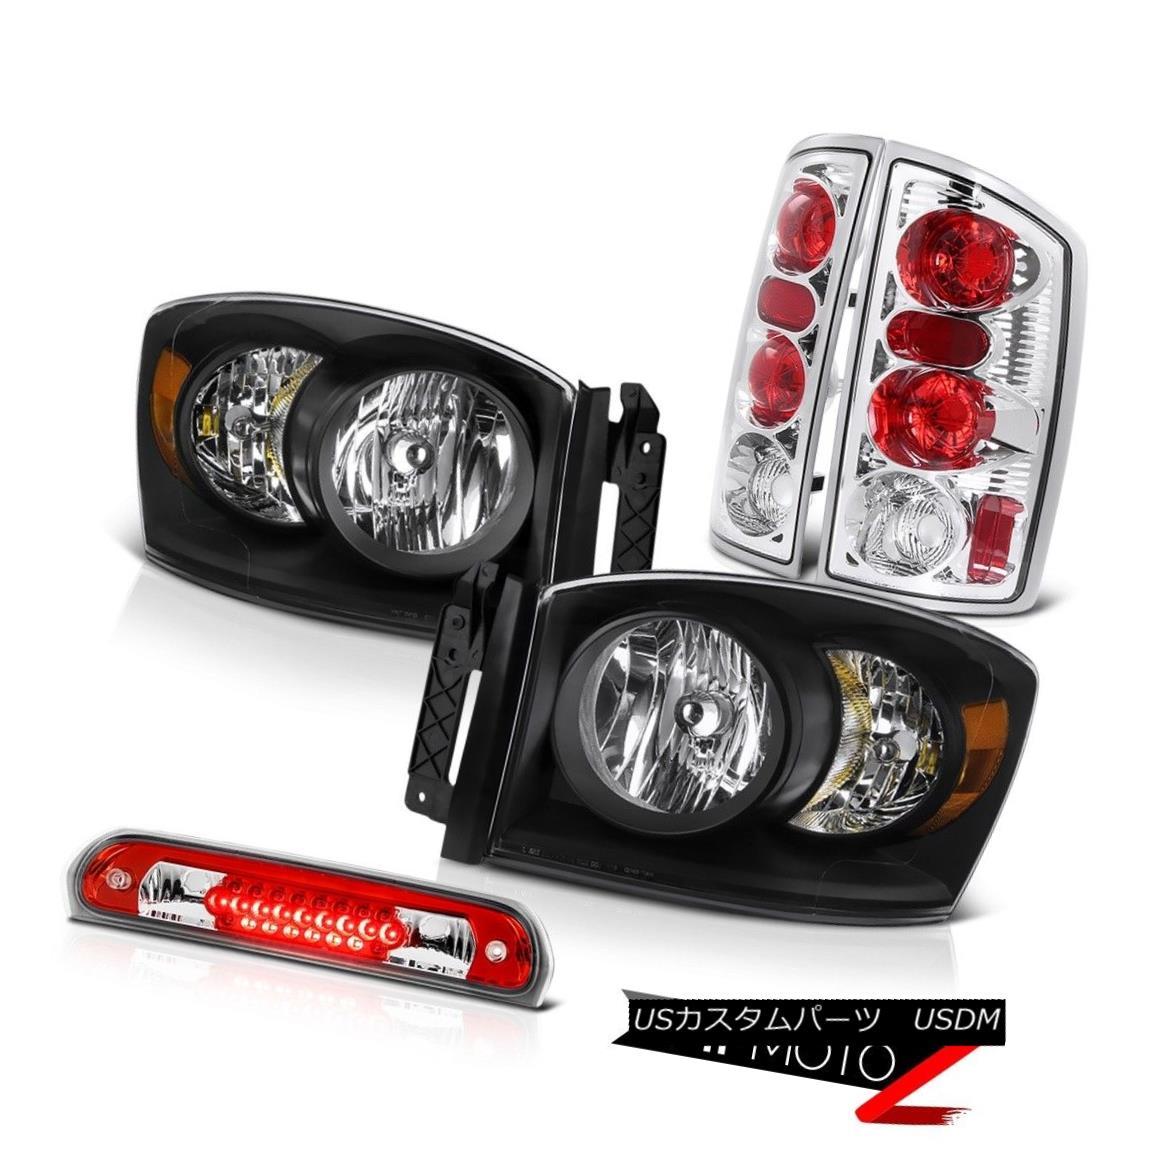 ヘッドライト 2006 Dodge Ram WS Clear/Black Headlights Rear Tail Lamps Third Brake Cargo LED 2006ダッジラムWSクリア/ブラックヘッドライトリアテールランプ第3ブレーキカーゴLED